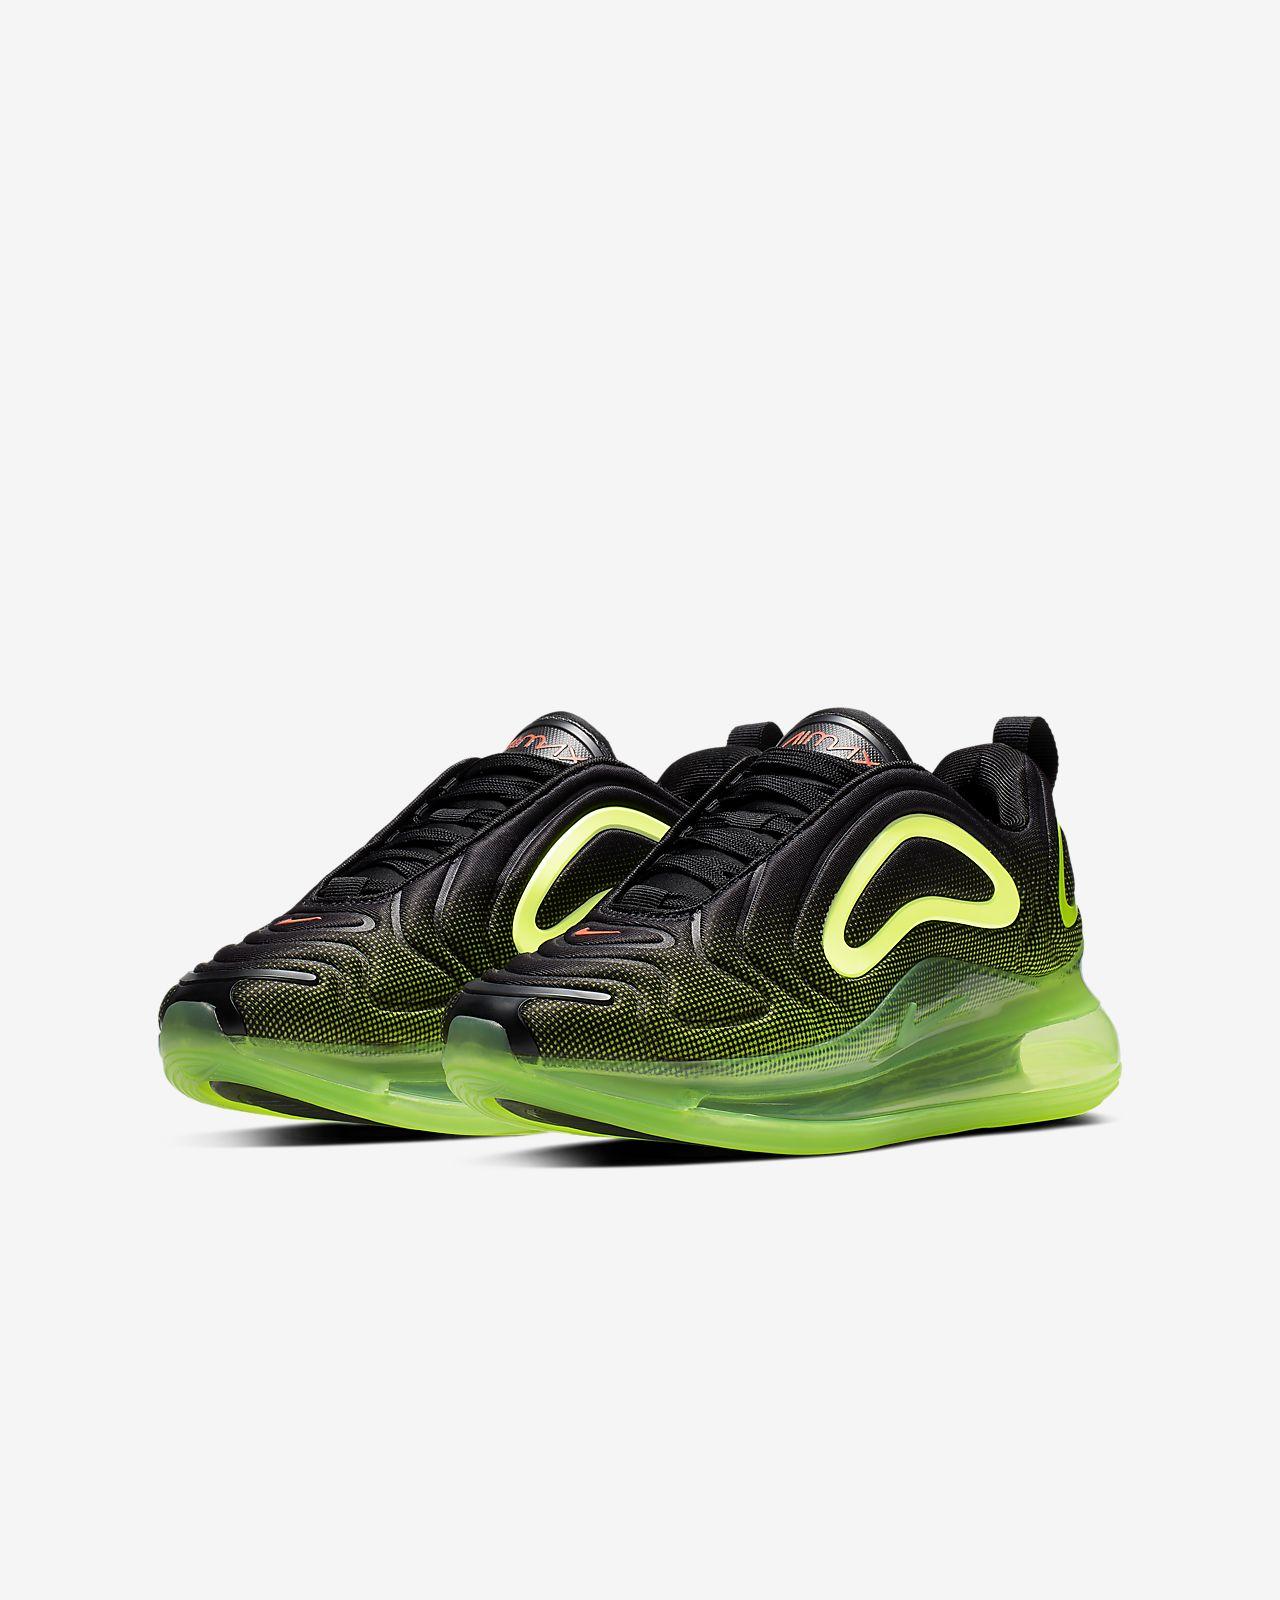 494e59e3c64c45 Chaussure Nike Air Max 720 pour Jeune enfant/Enfant plus âgé. Nike ...